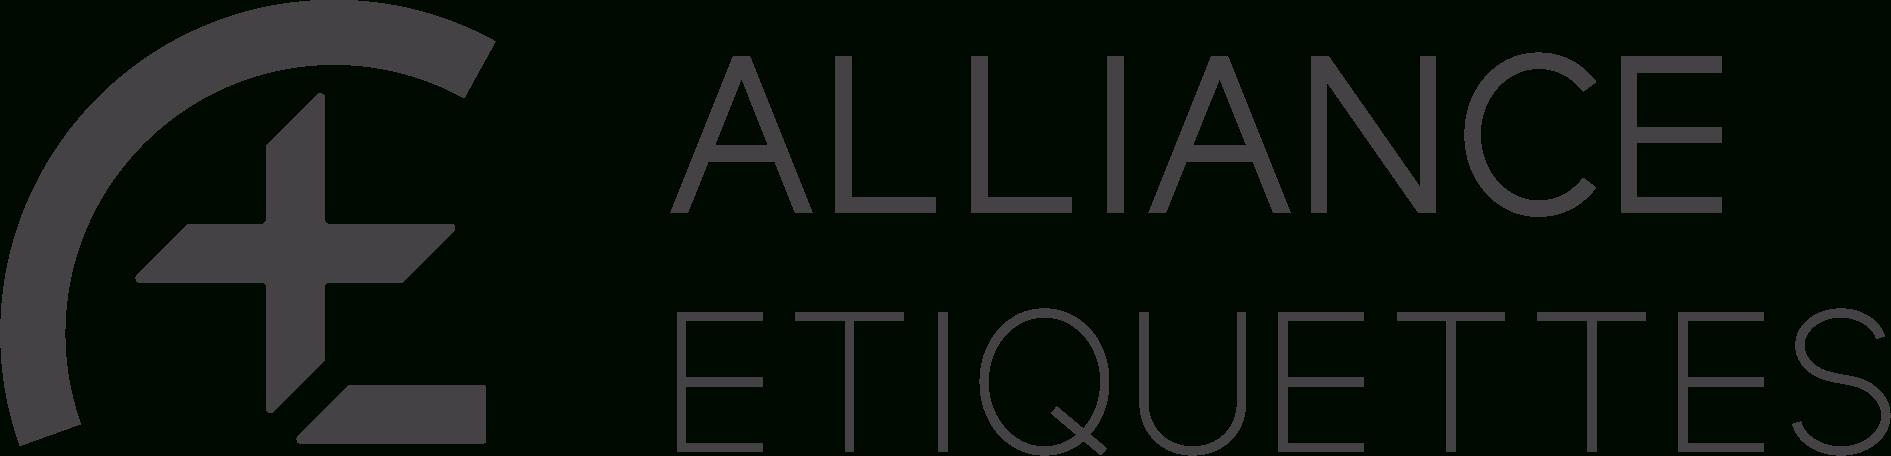 Alliance Etiquettes - Activa Capital - Activateurs De Valeur concernant Etiquette Chiffre A Imprimer